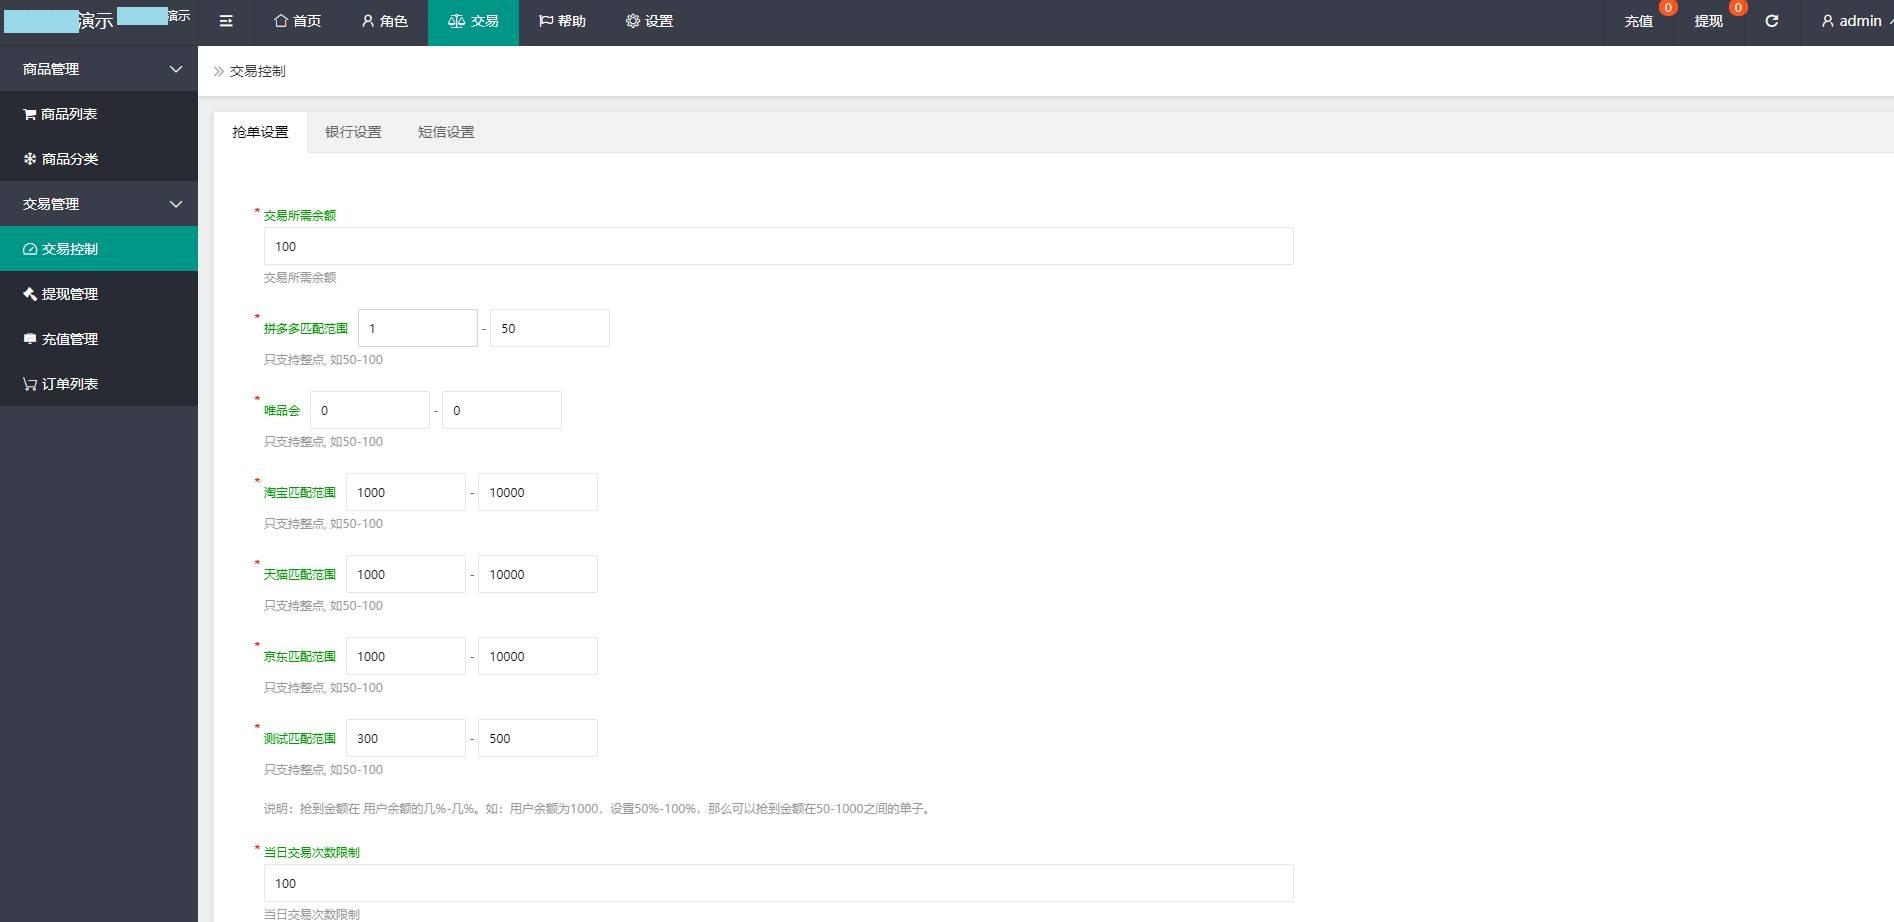 PHP二开自动抢单系统源码三语言(中文、英语、马来语)插图